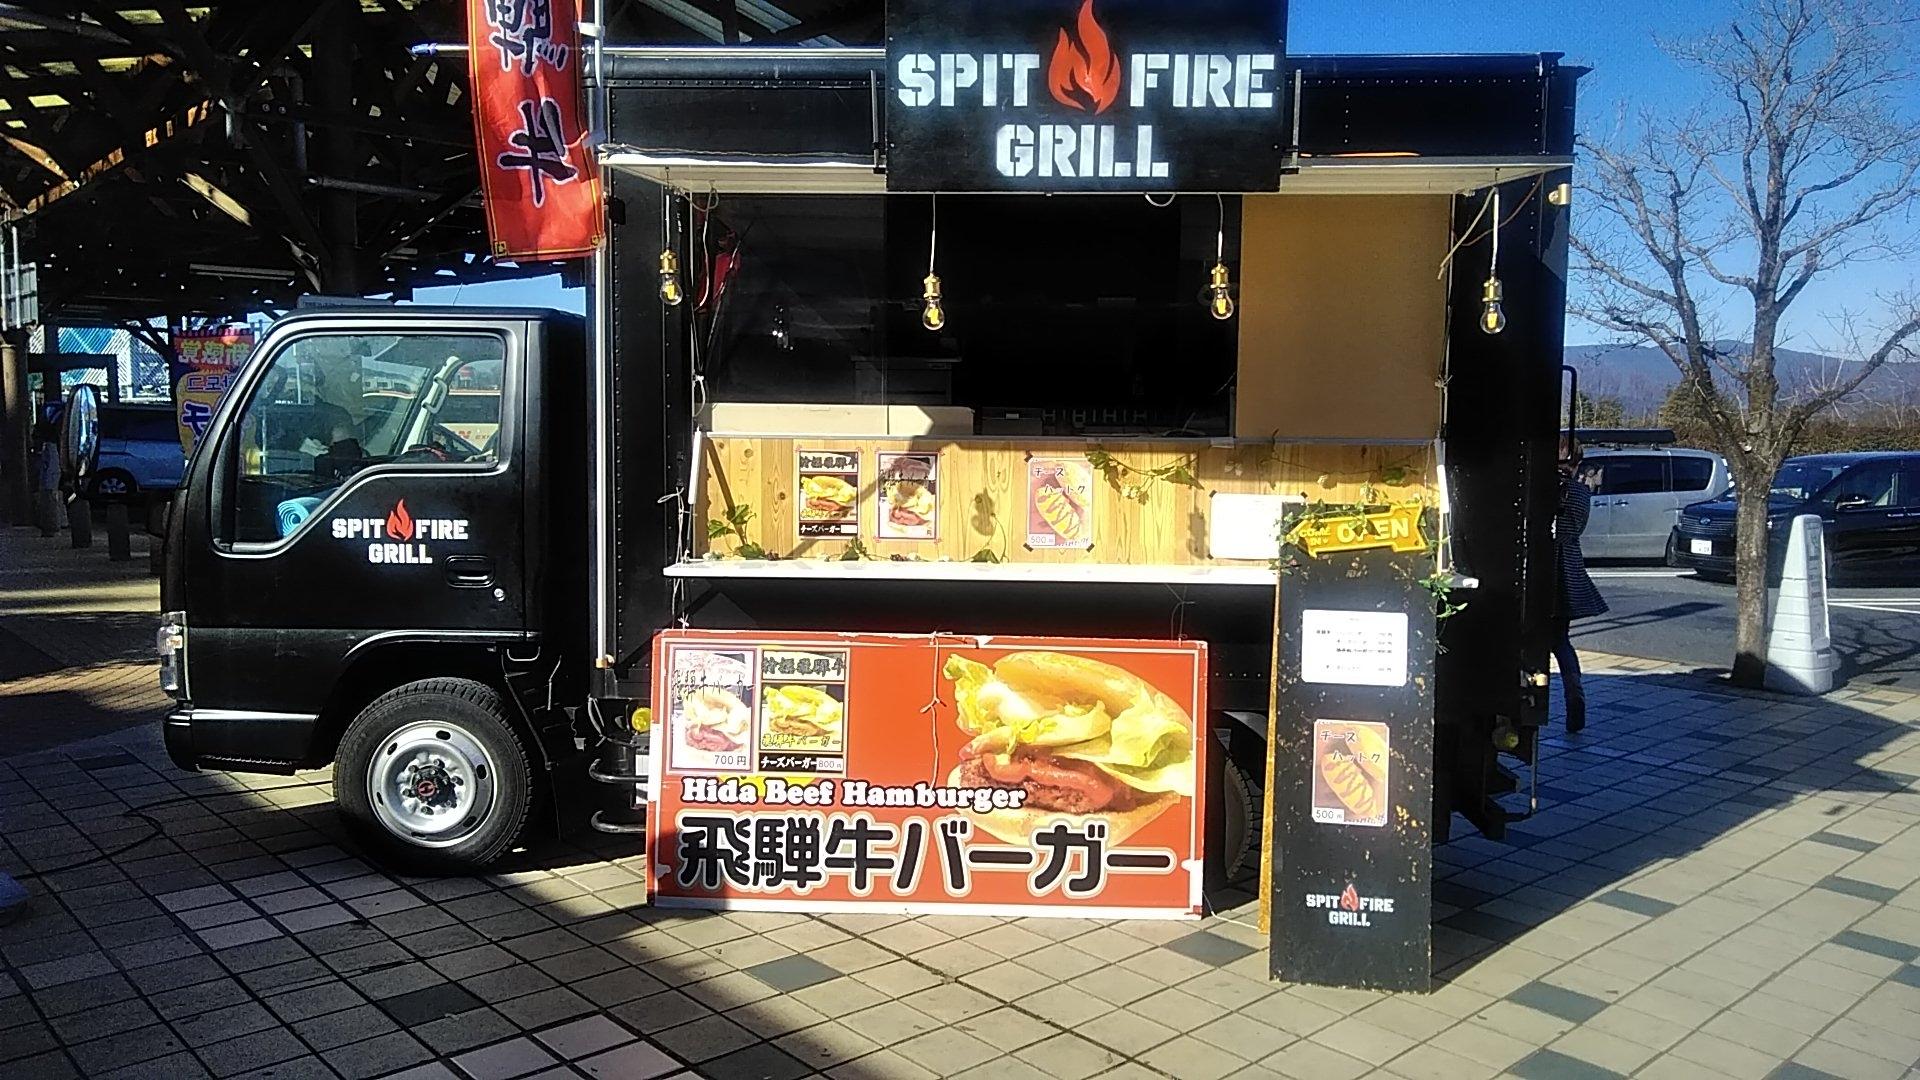 SPITFIRE GRILL,スピットファイアグリル,キッチンカー,フードトラック,出店,飛騨牛ハンバーガー,からあげ,愛知,岐阜,滋賀